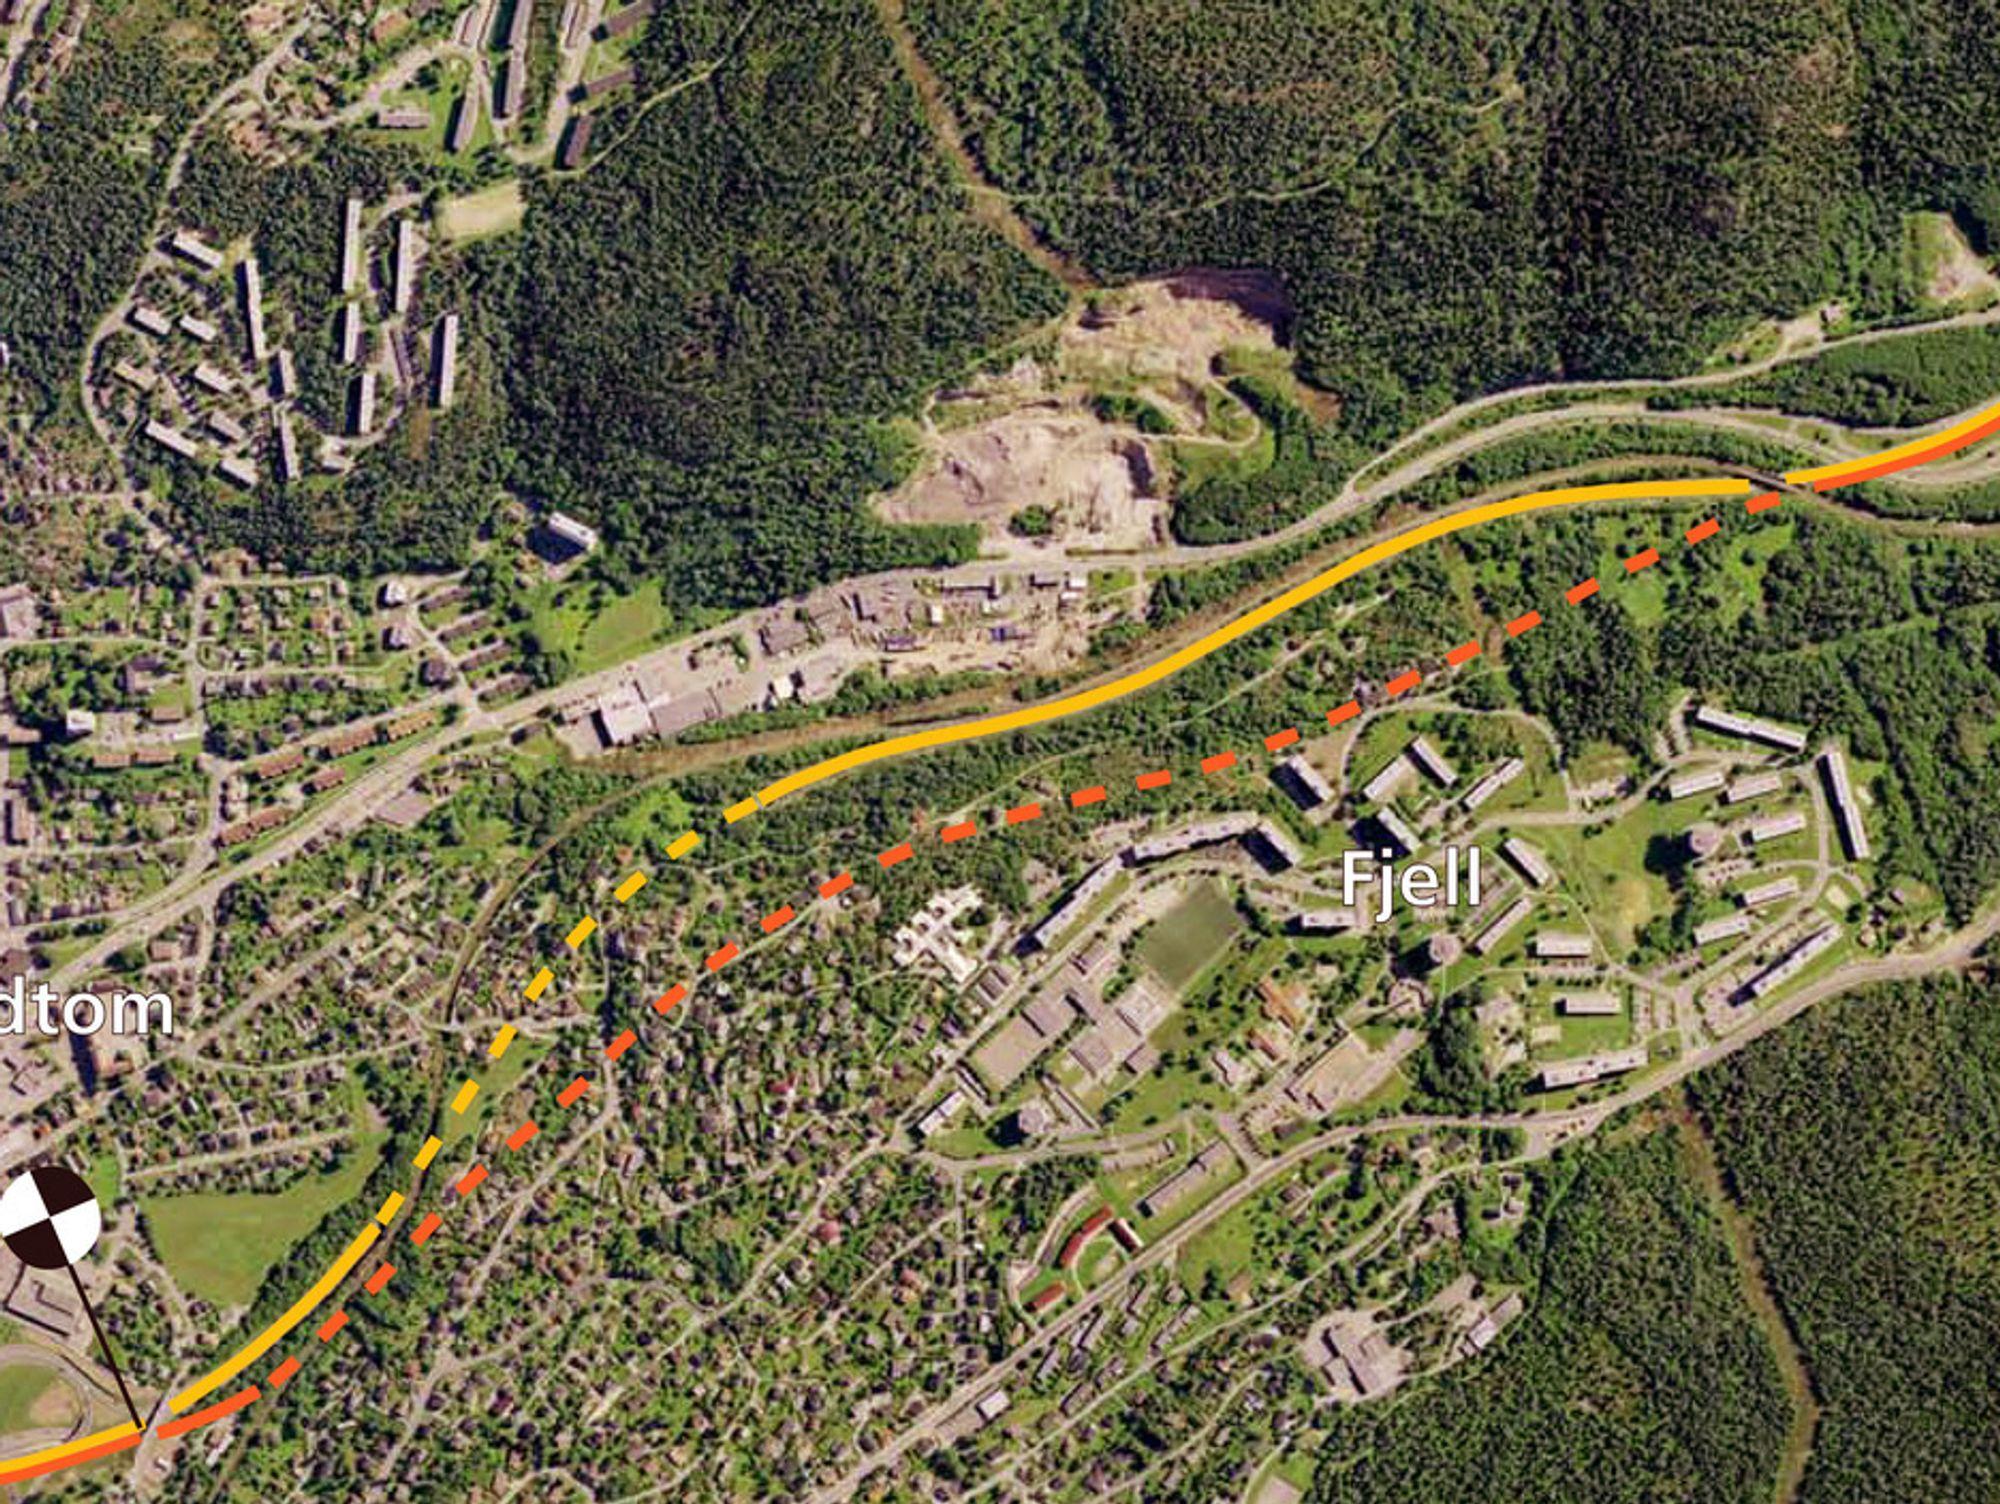 Den gule linjen markerer nåværende E 18 mellom Frydenhaug og Baserud. Den skal stenges for oppgradering nå den nye sørgående kjørebanen (markert med oransj) åpnes for trafikk til sommeren. (Ill.: Statens vegvesen)